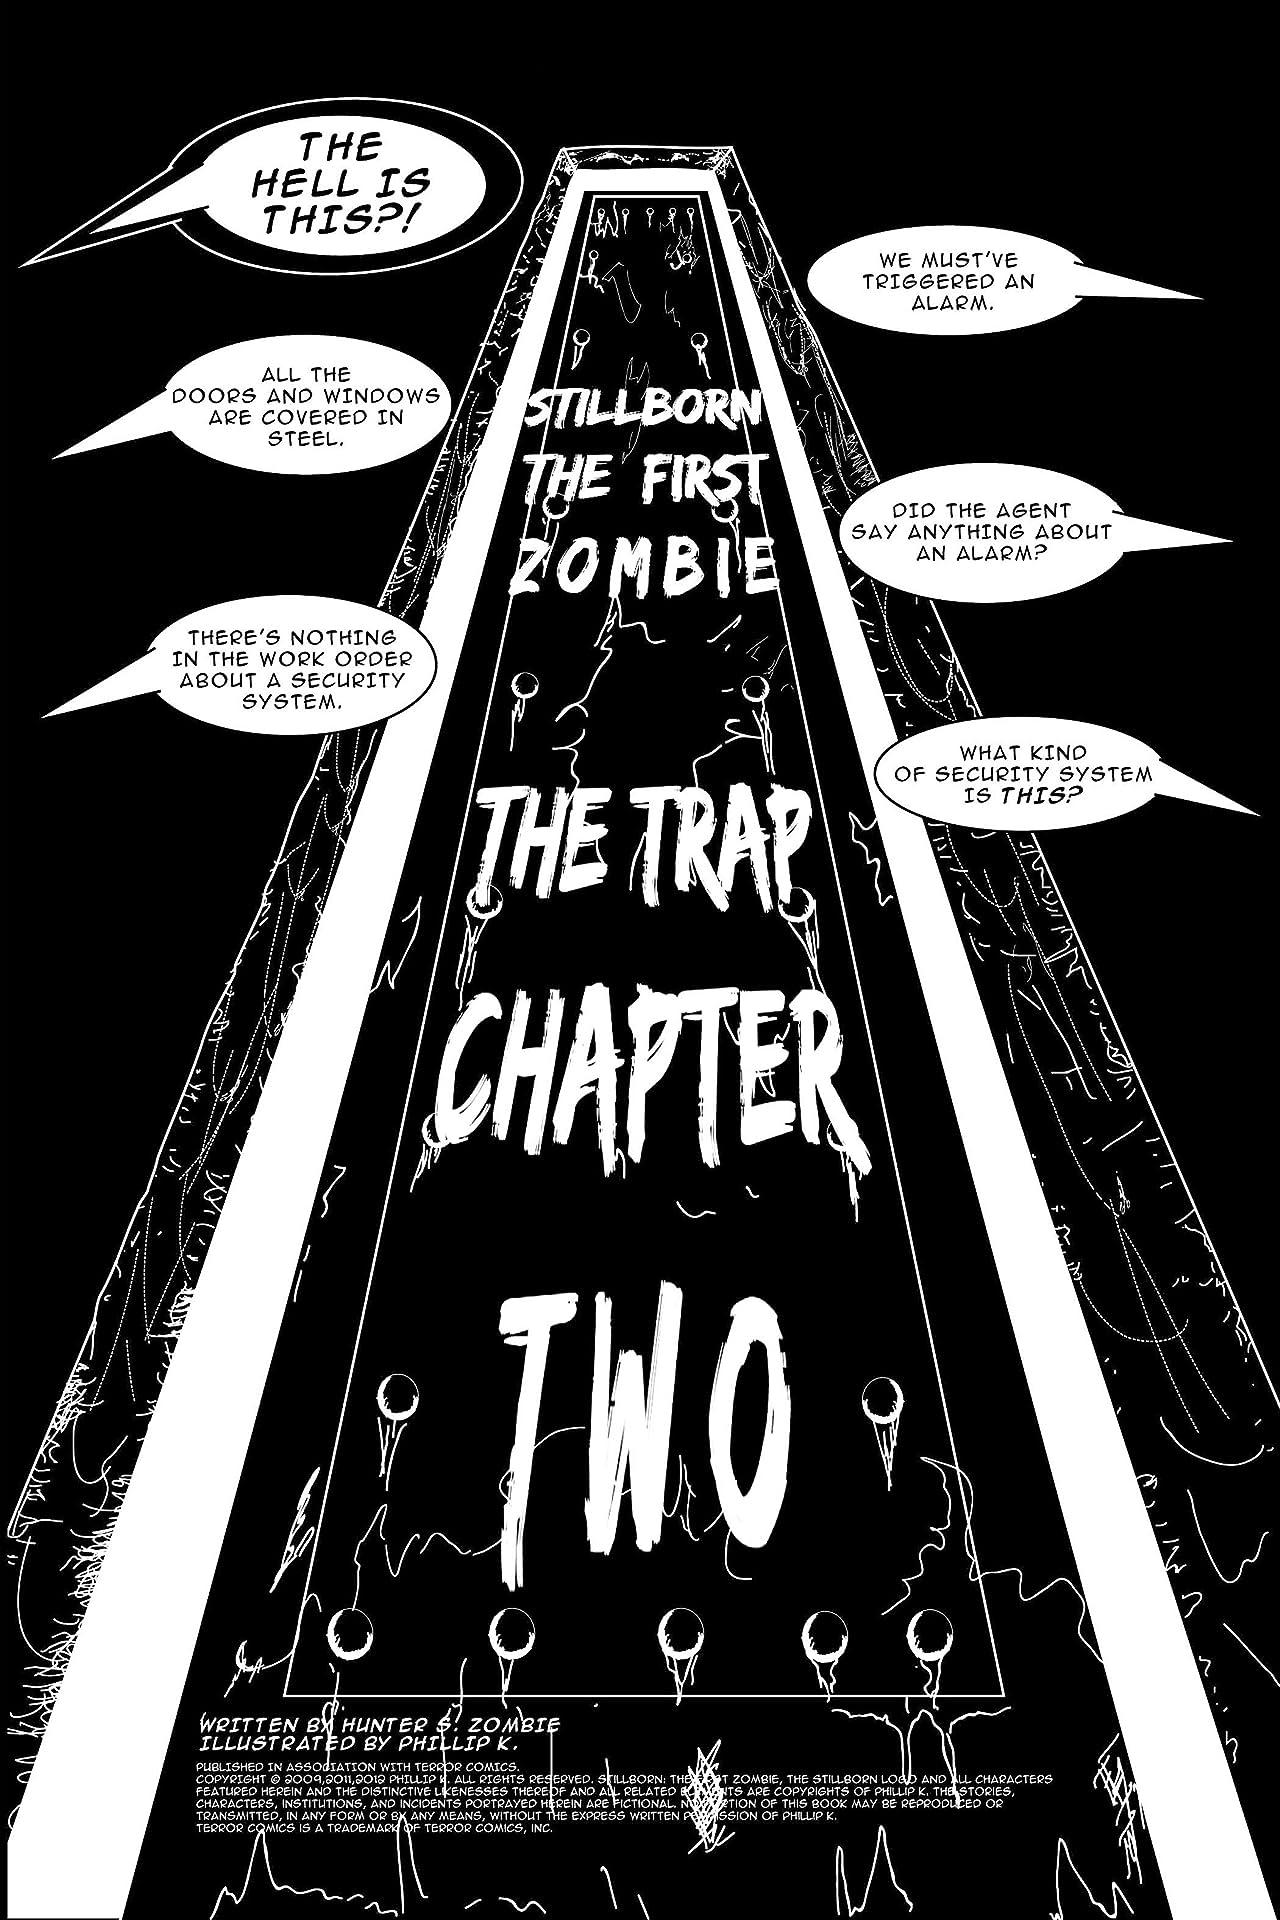 Stillborn: The First Zombie #2